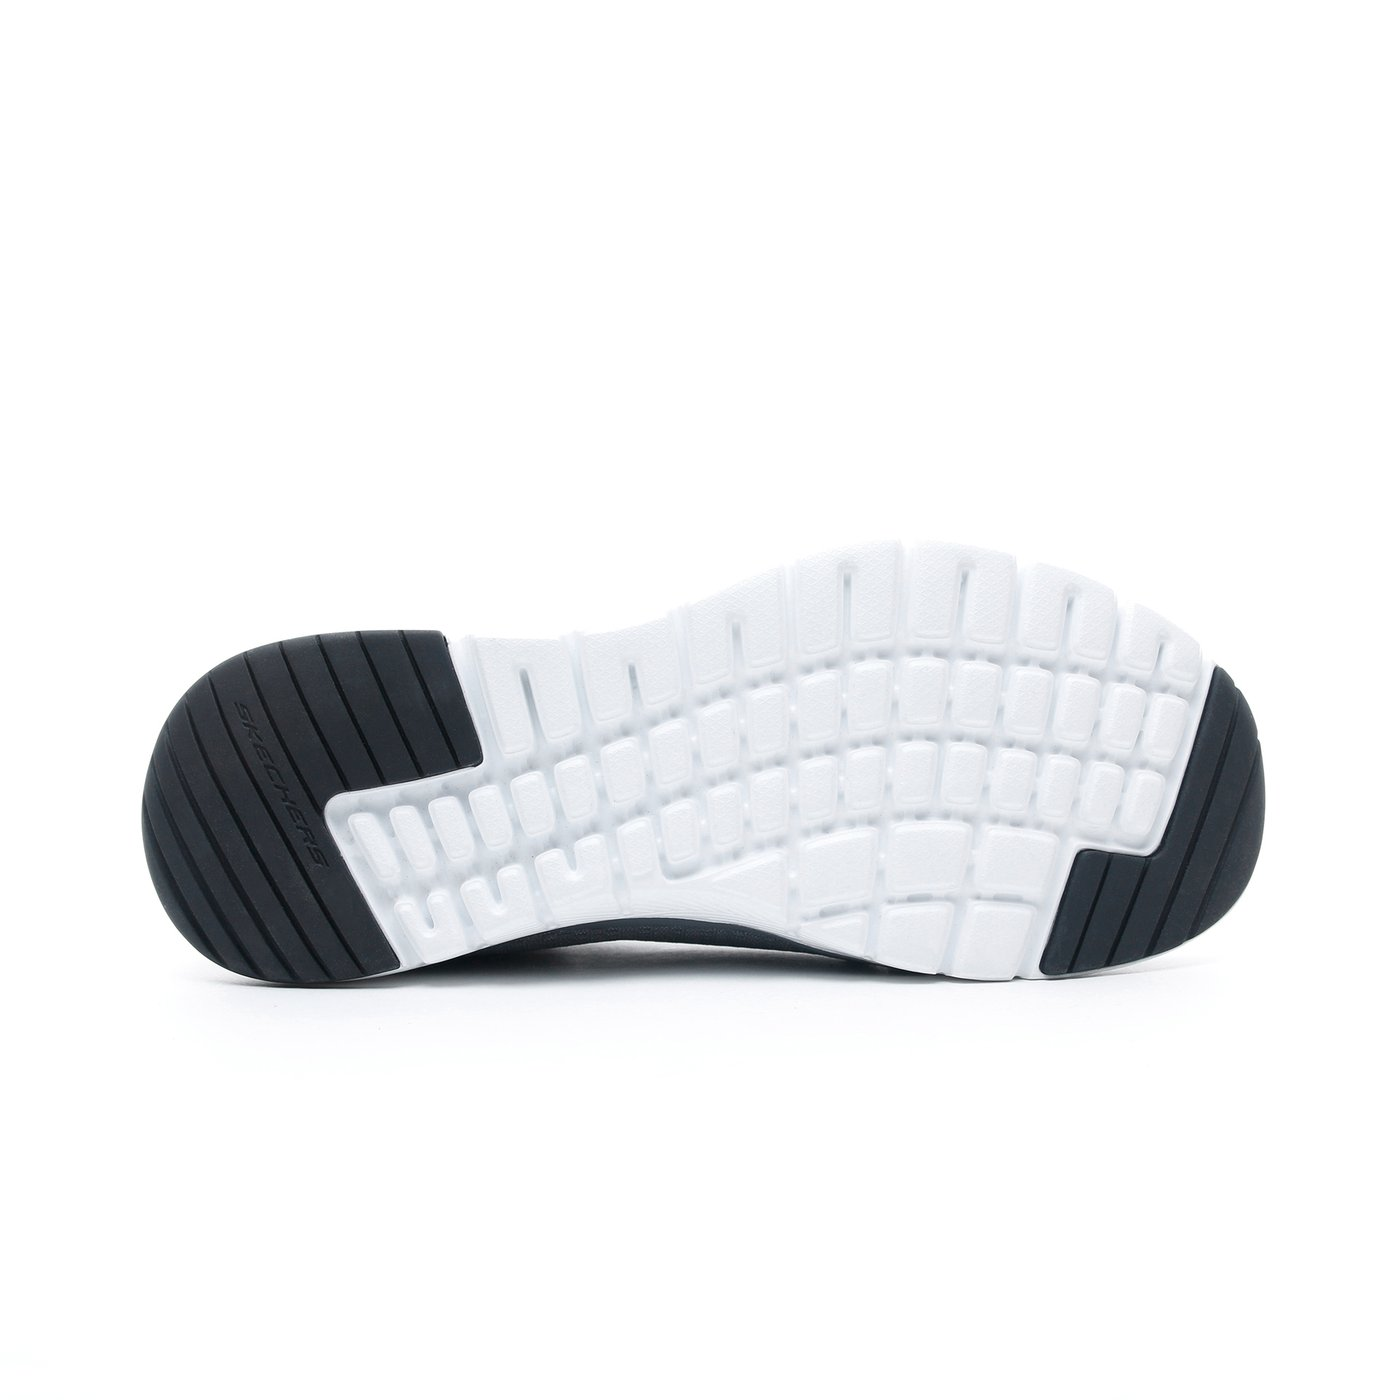 Skechers Flex Advantage 3.0 Gri Erkek Spor Ayakkabı